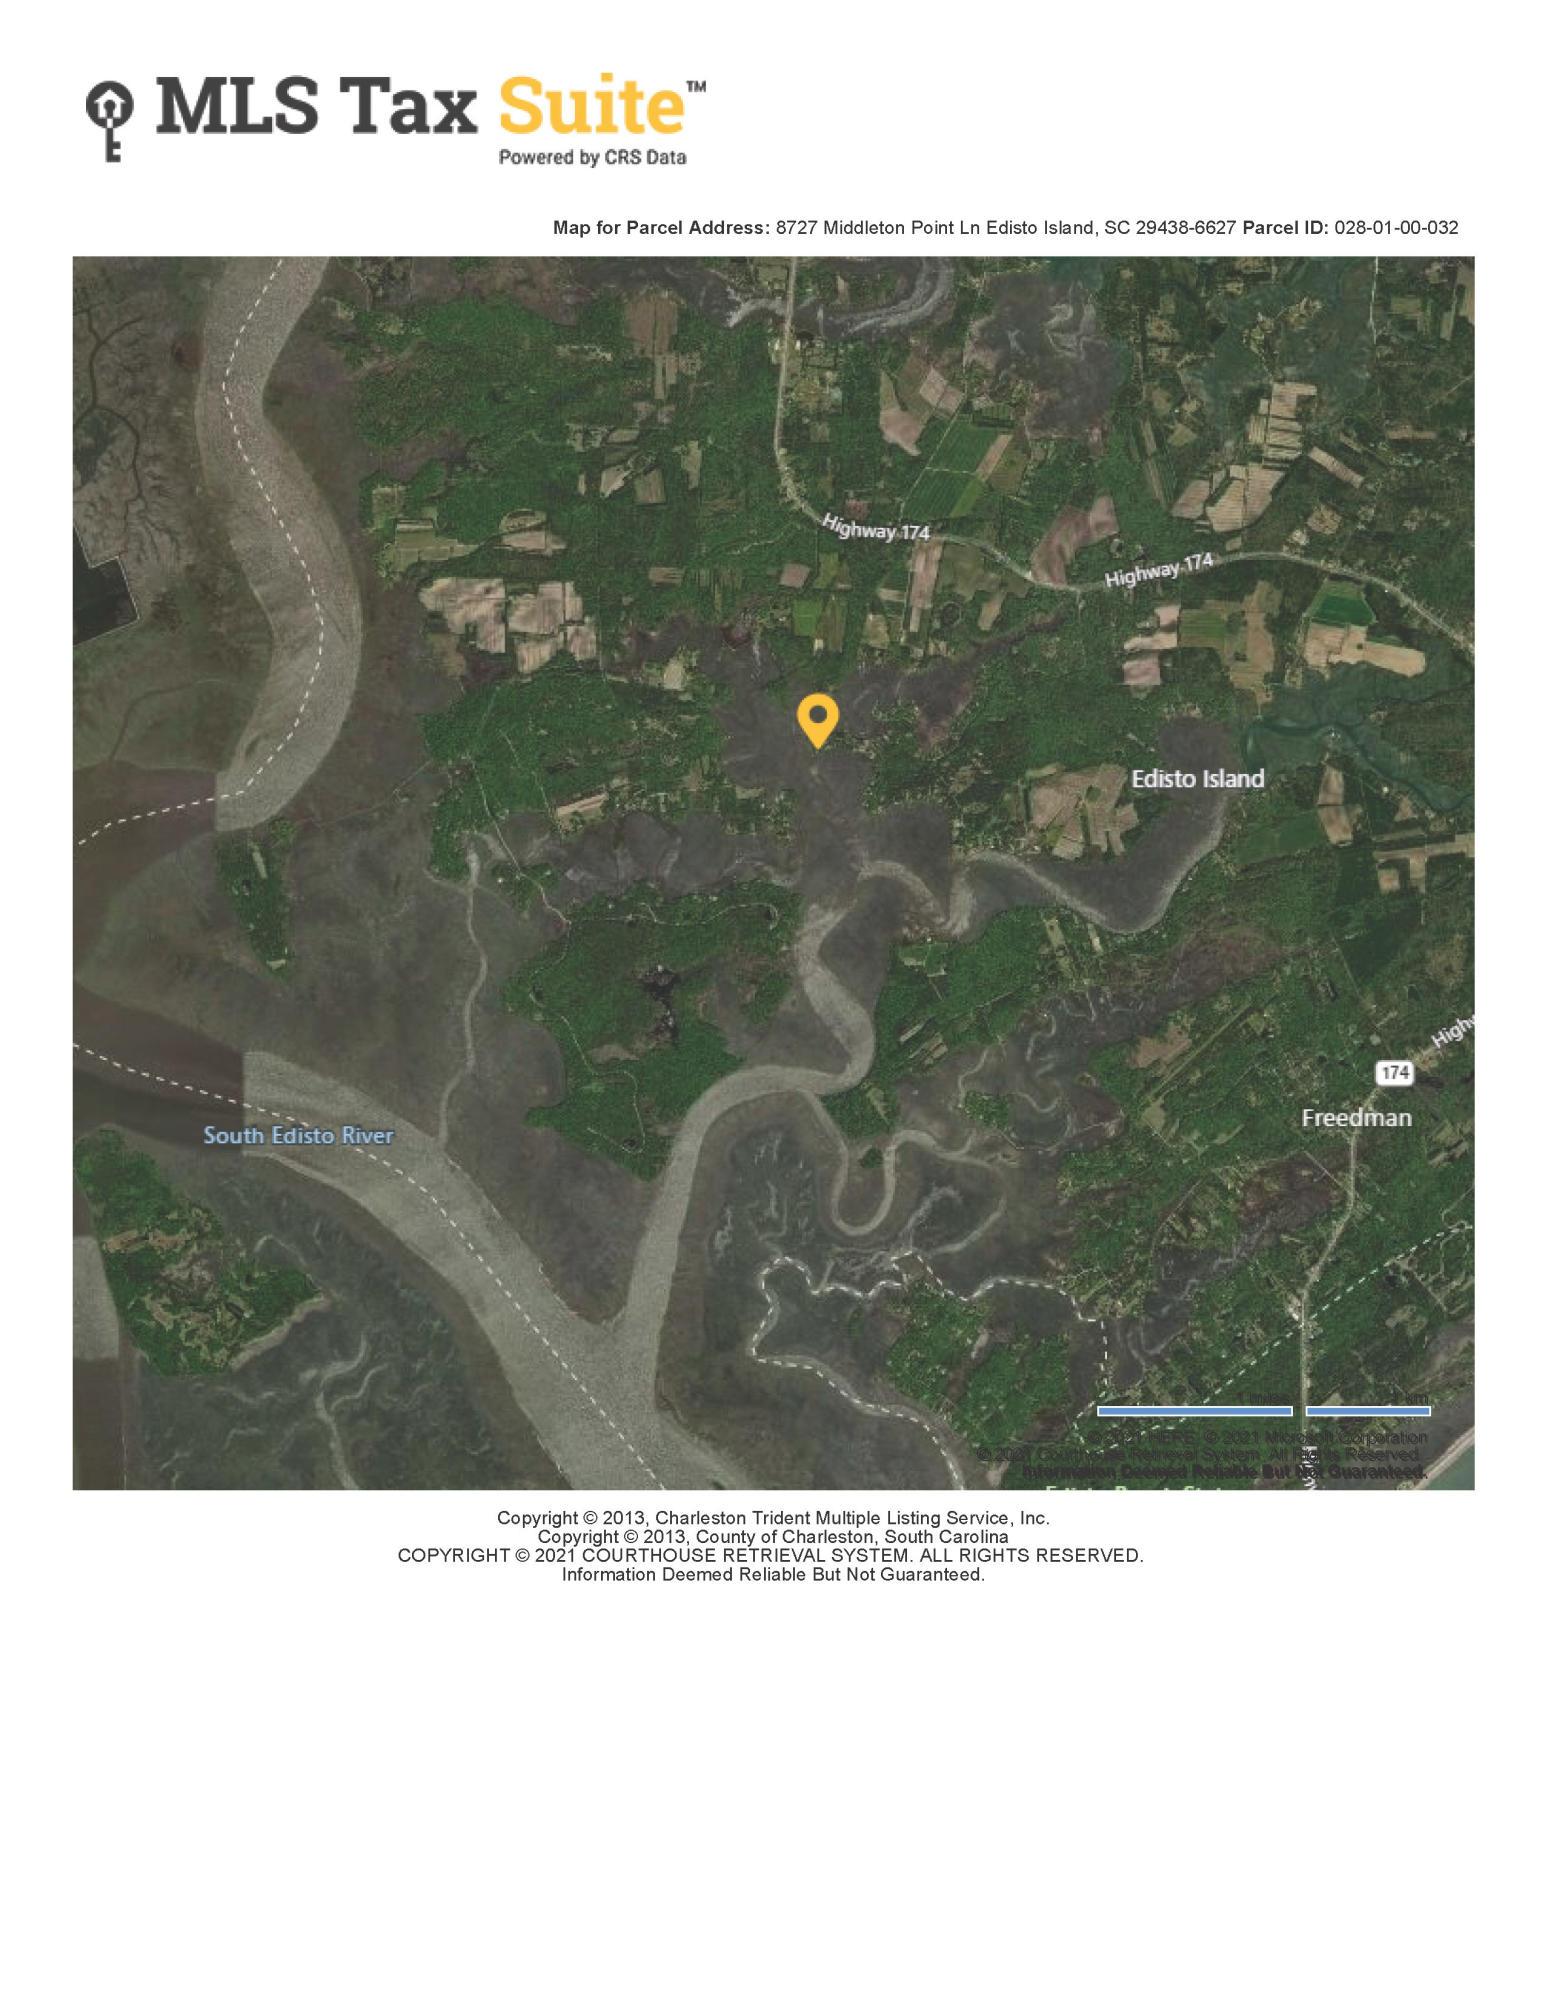 8727 Middleton Point Lane Edisto Island, SC 29438